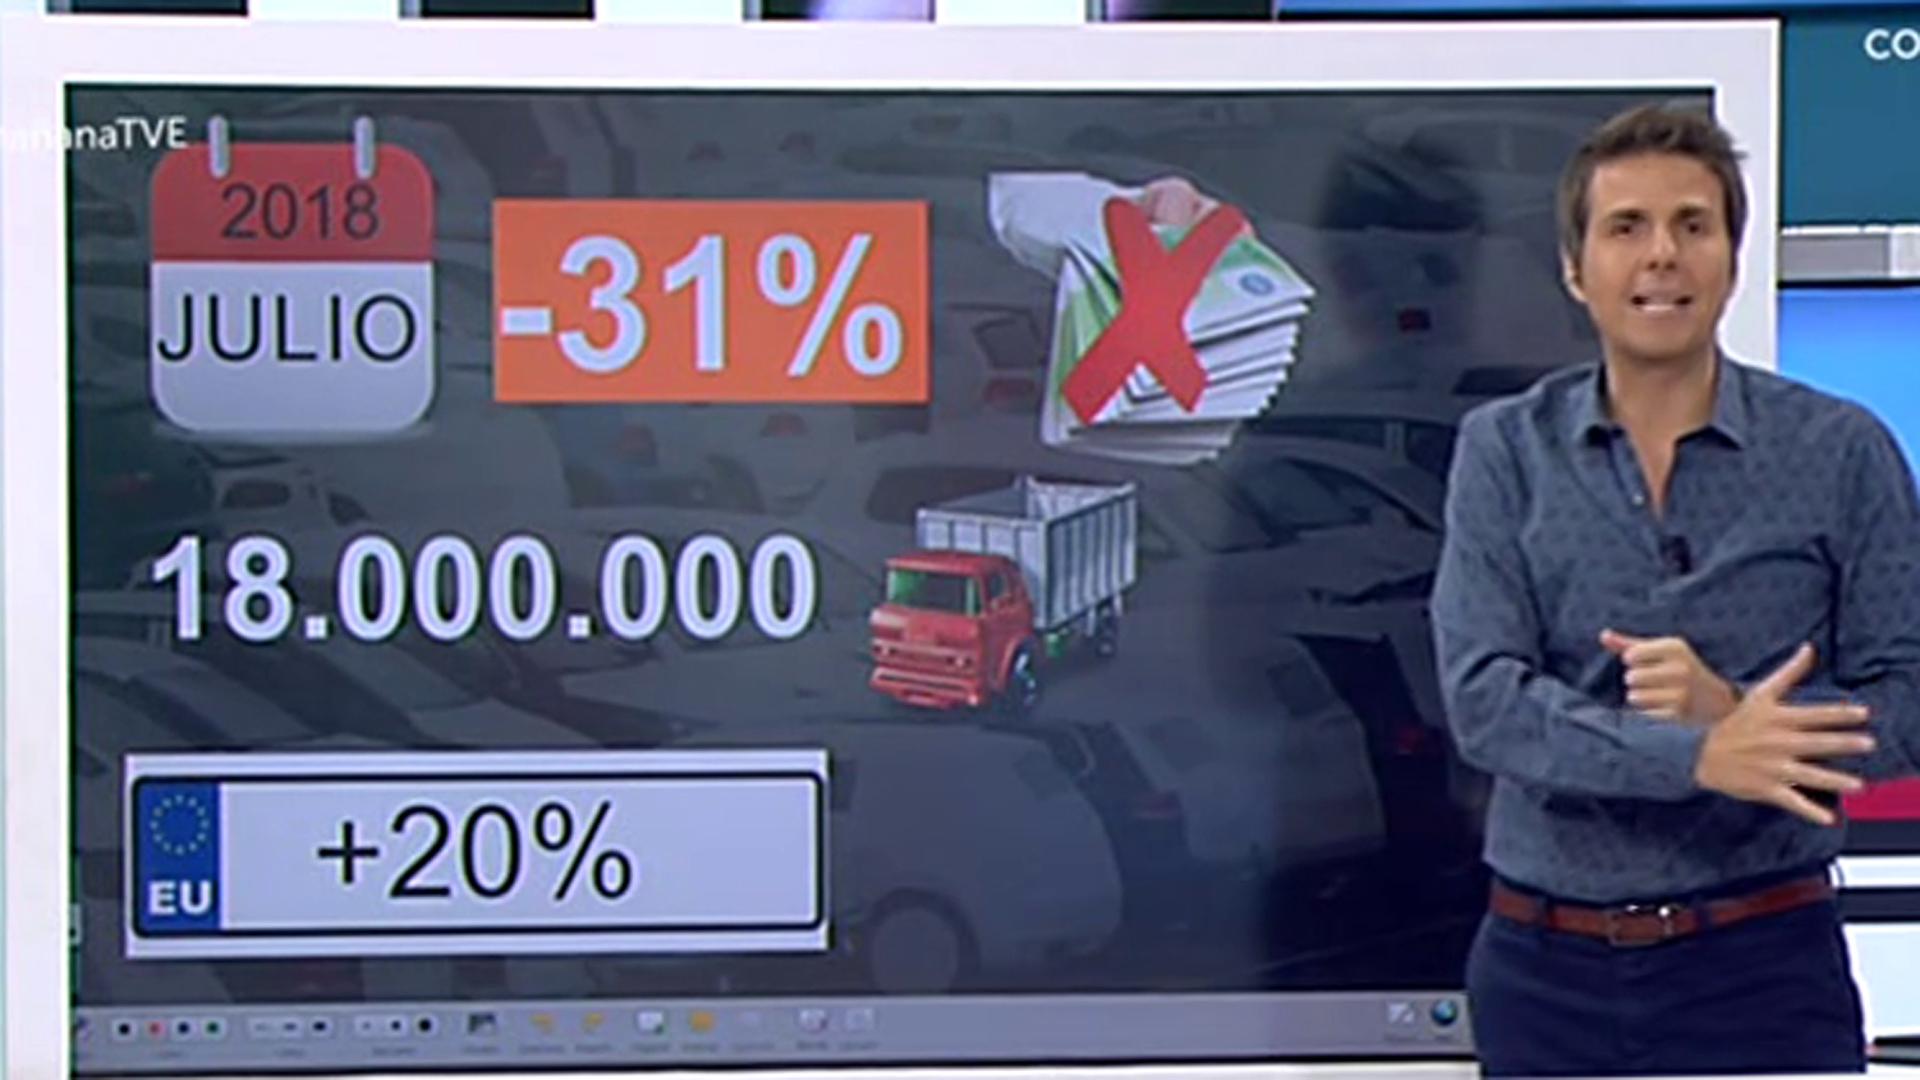 La Mañana - La venta de diésel se reduce un 31%